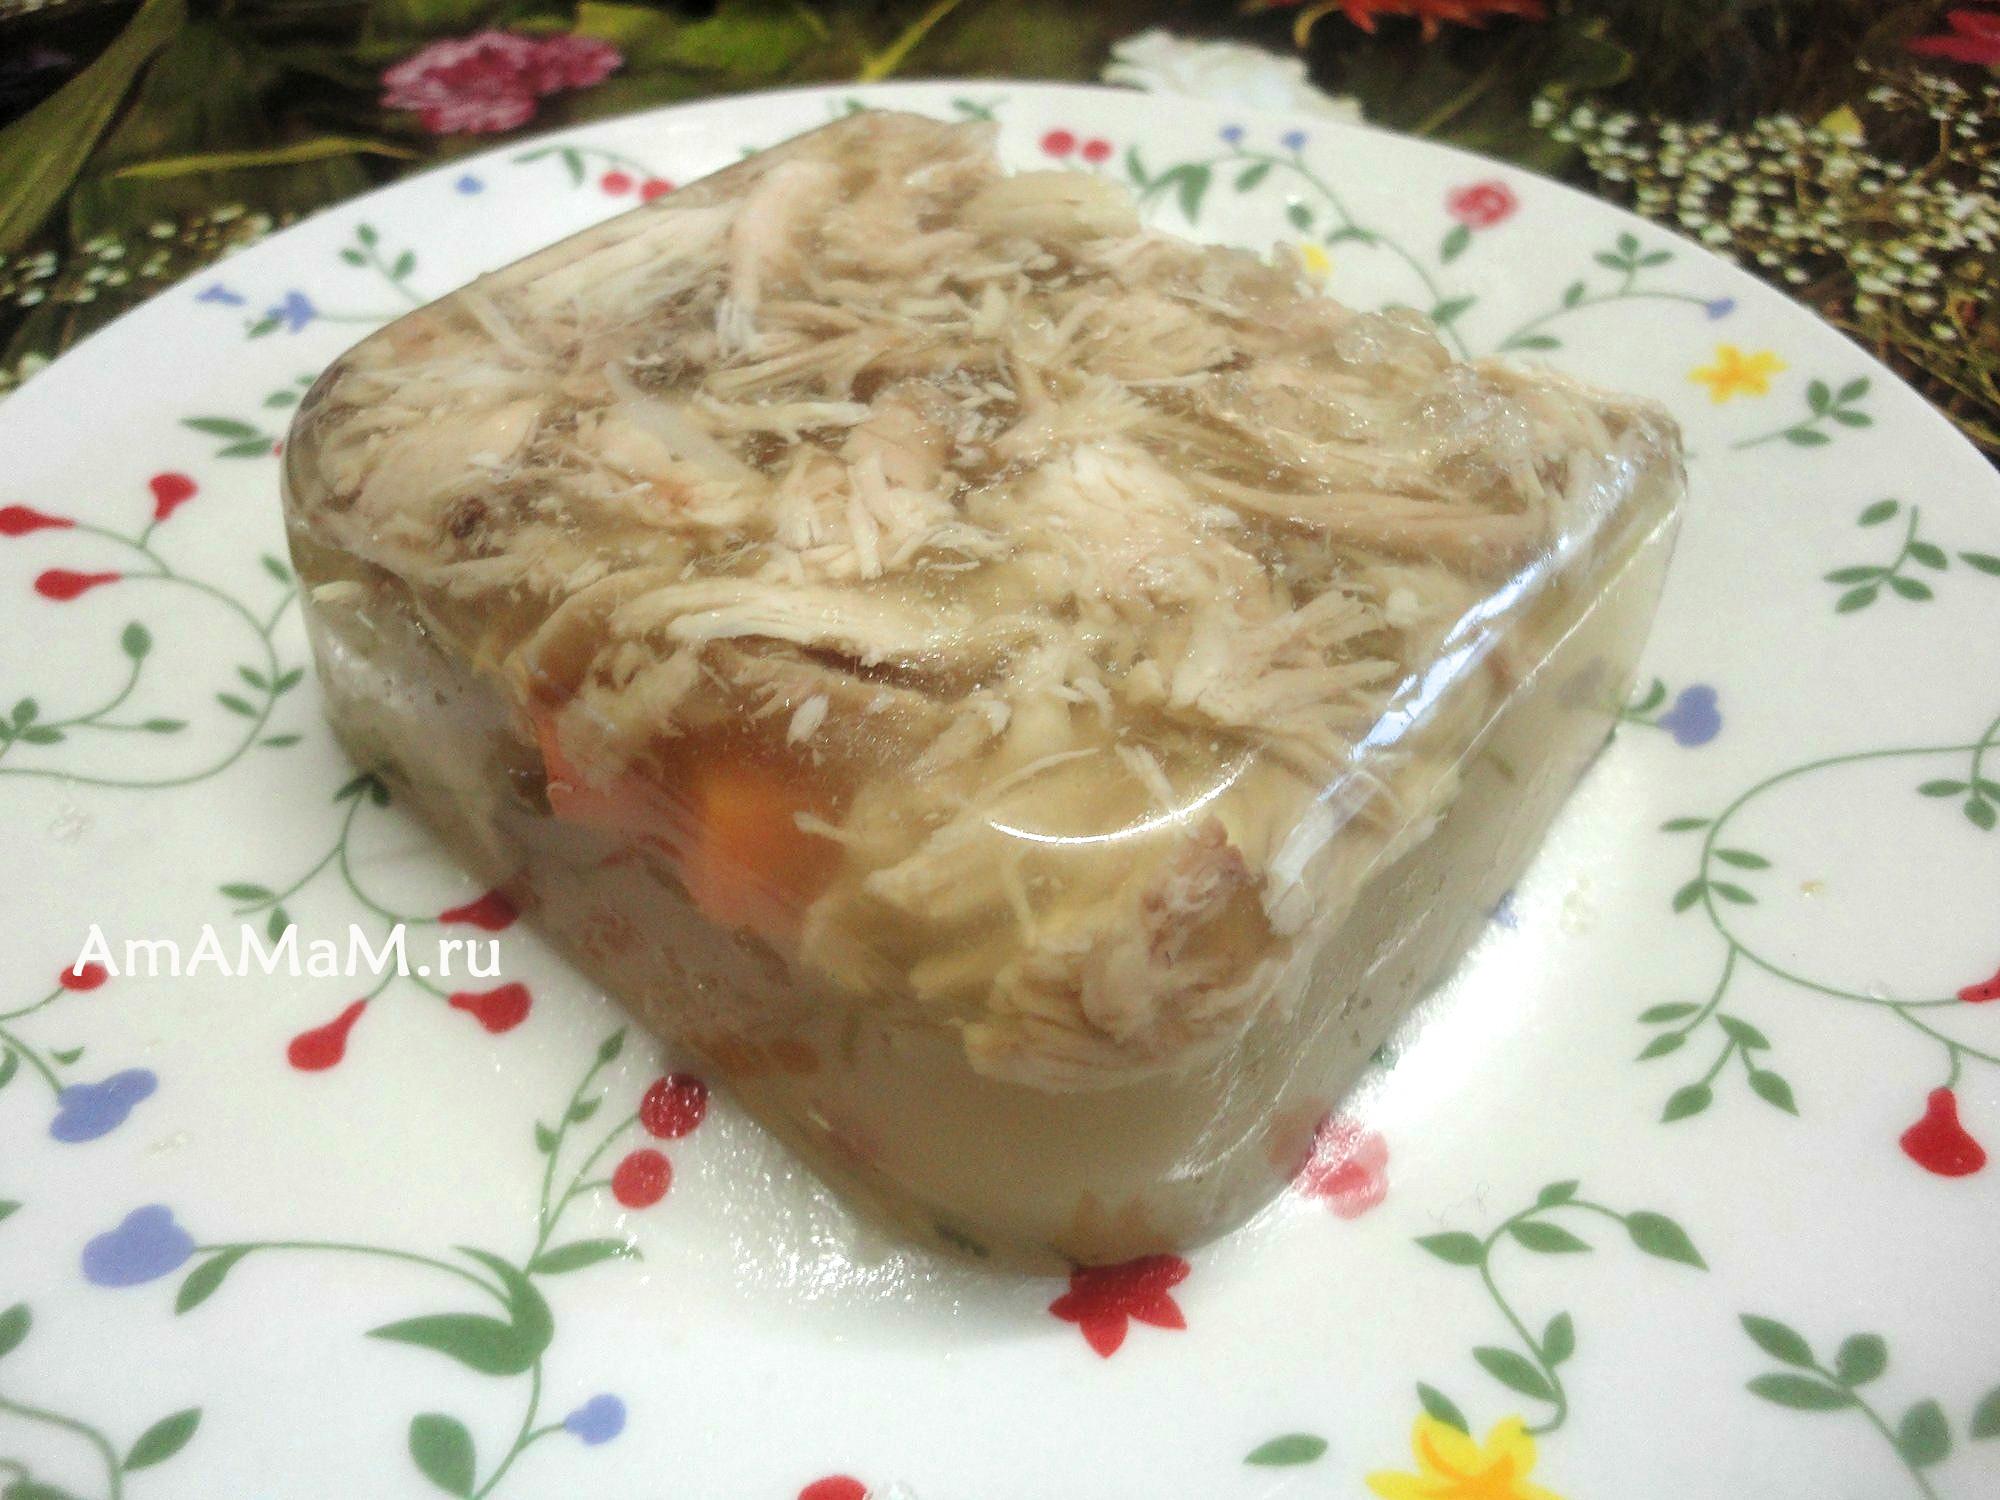 Вкусный куриный холодец с желатином рецепт пошагово